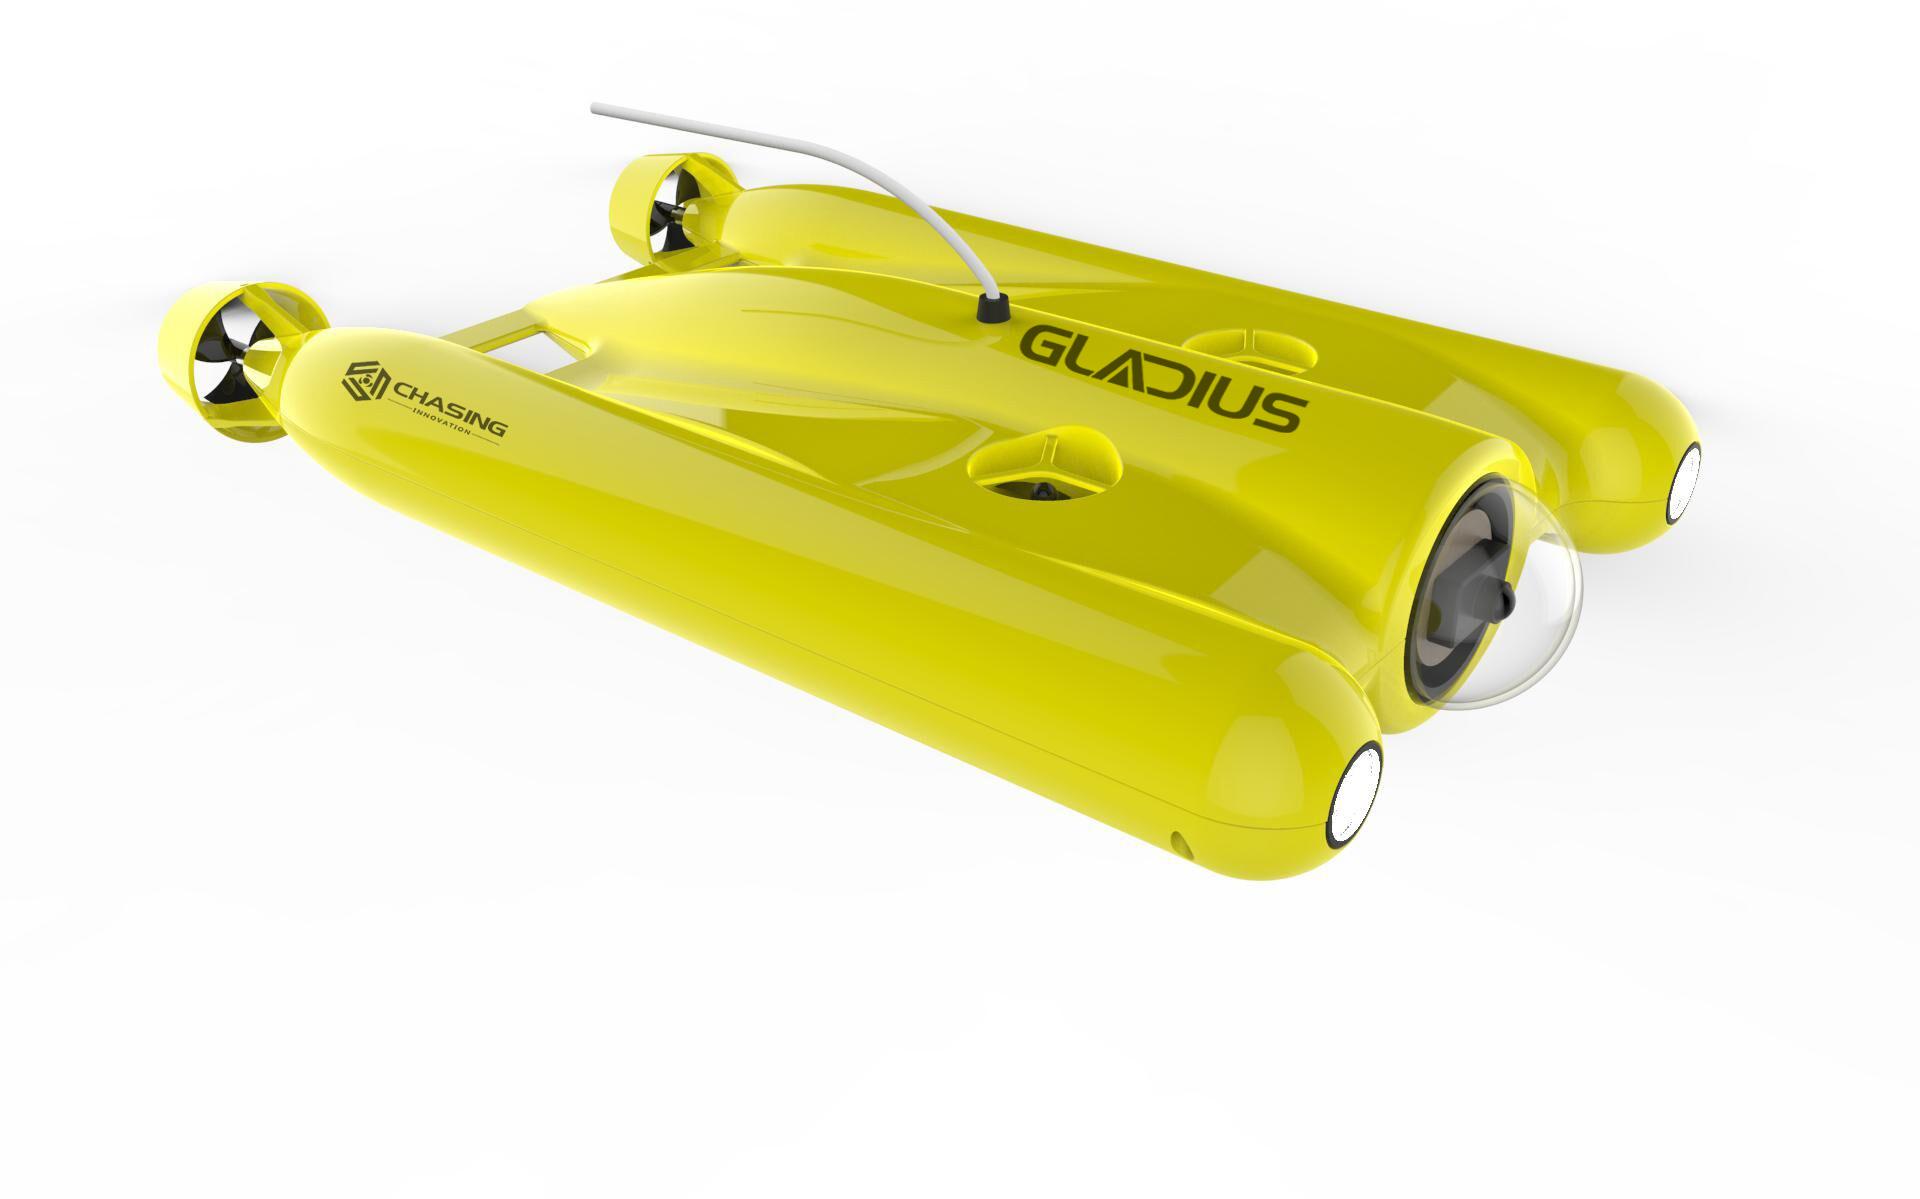 GLadius+logo